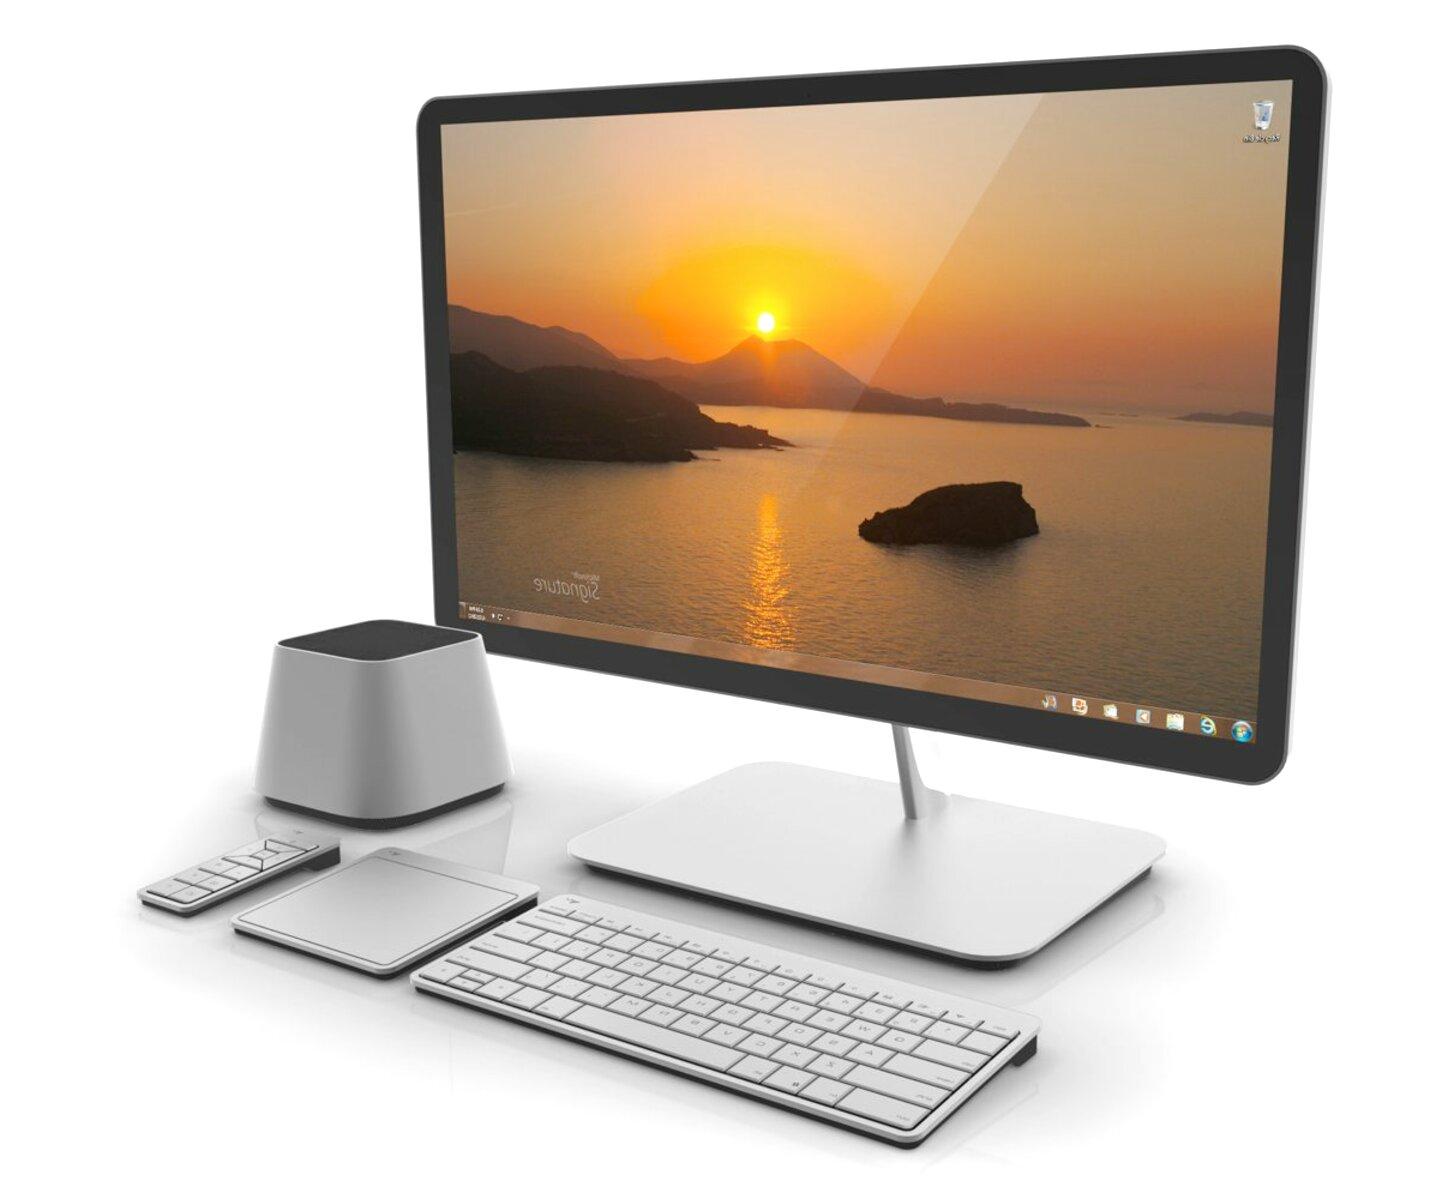 Desktop Pc Gebraucht Kaufen